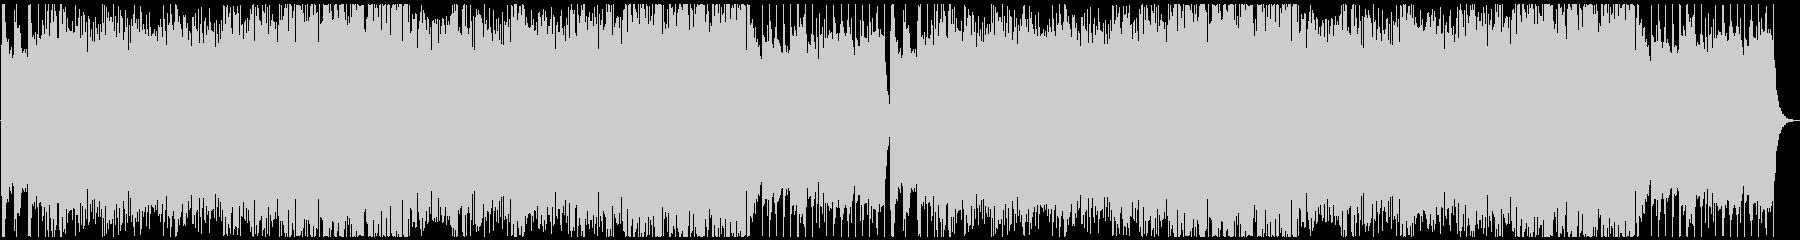 フォークメタル戦闘曲の未再生の波形